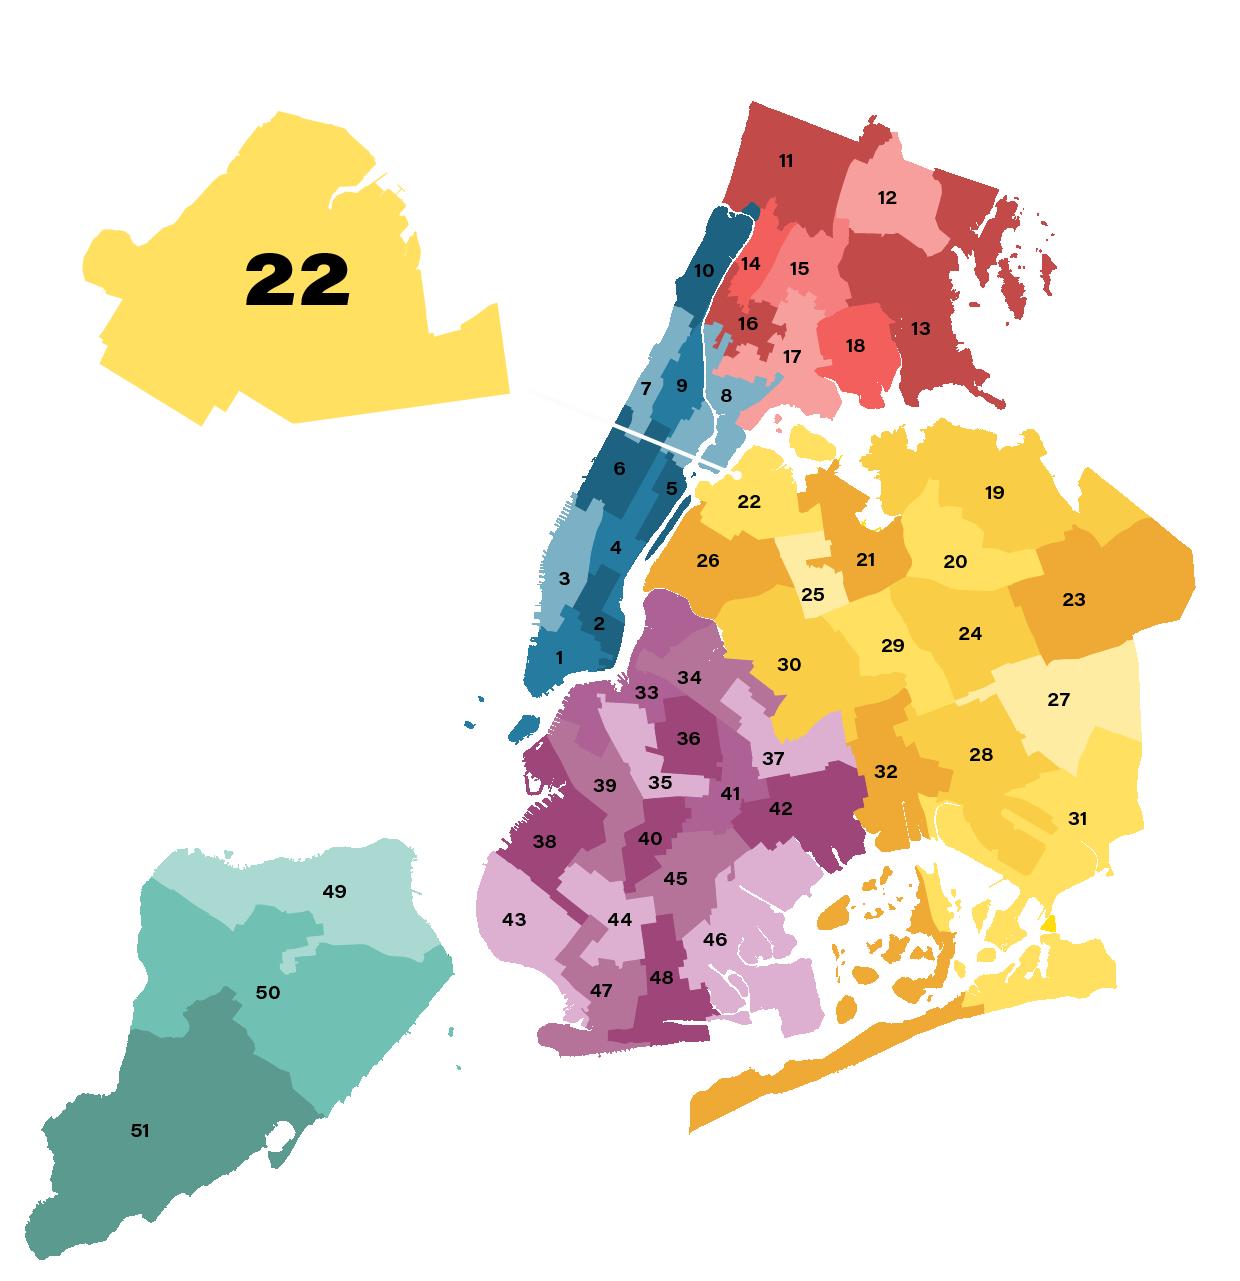 City Council District 22